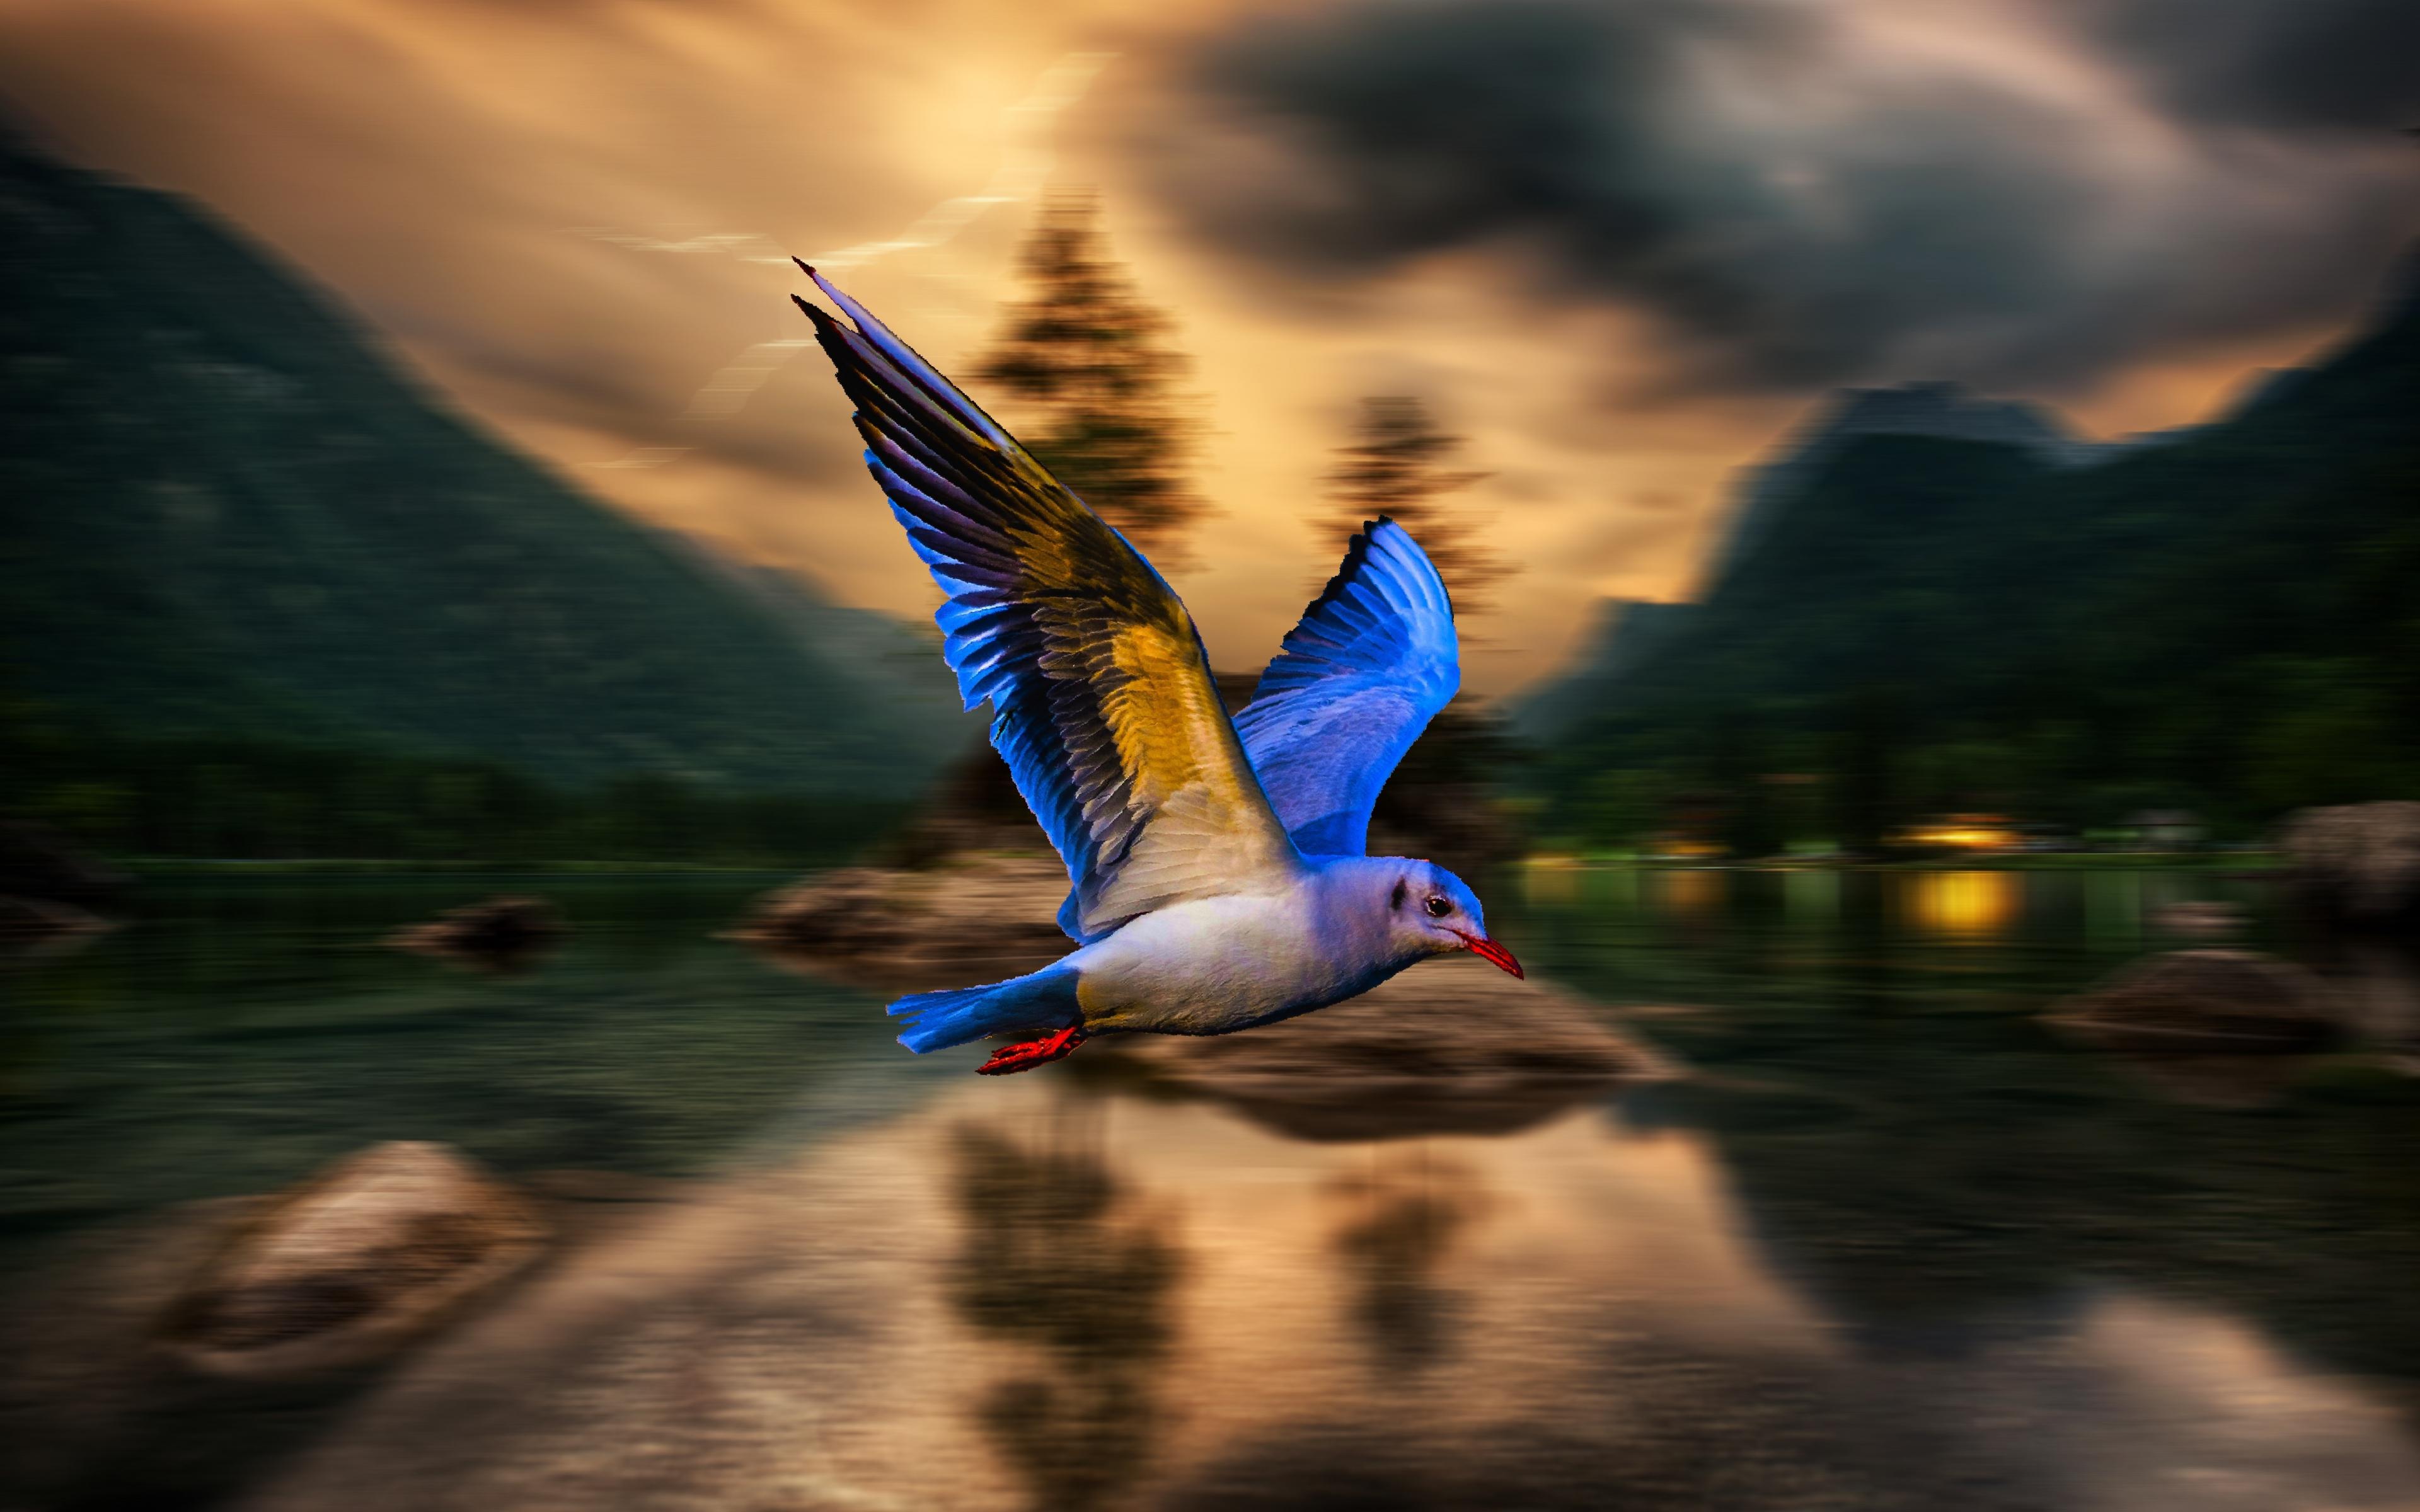 Download 3840x2400 Wallpaper Blue Bird Blur Flight 4k Ultra Hd 16 10 Widescreen 3840x2400 Hd Image Background 4867